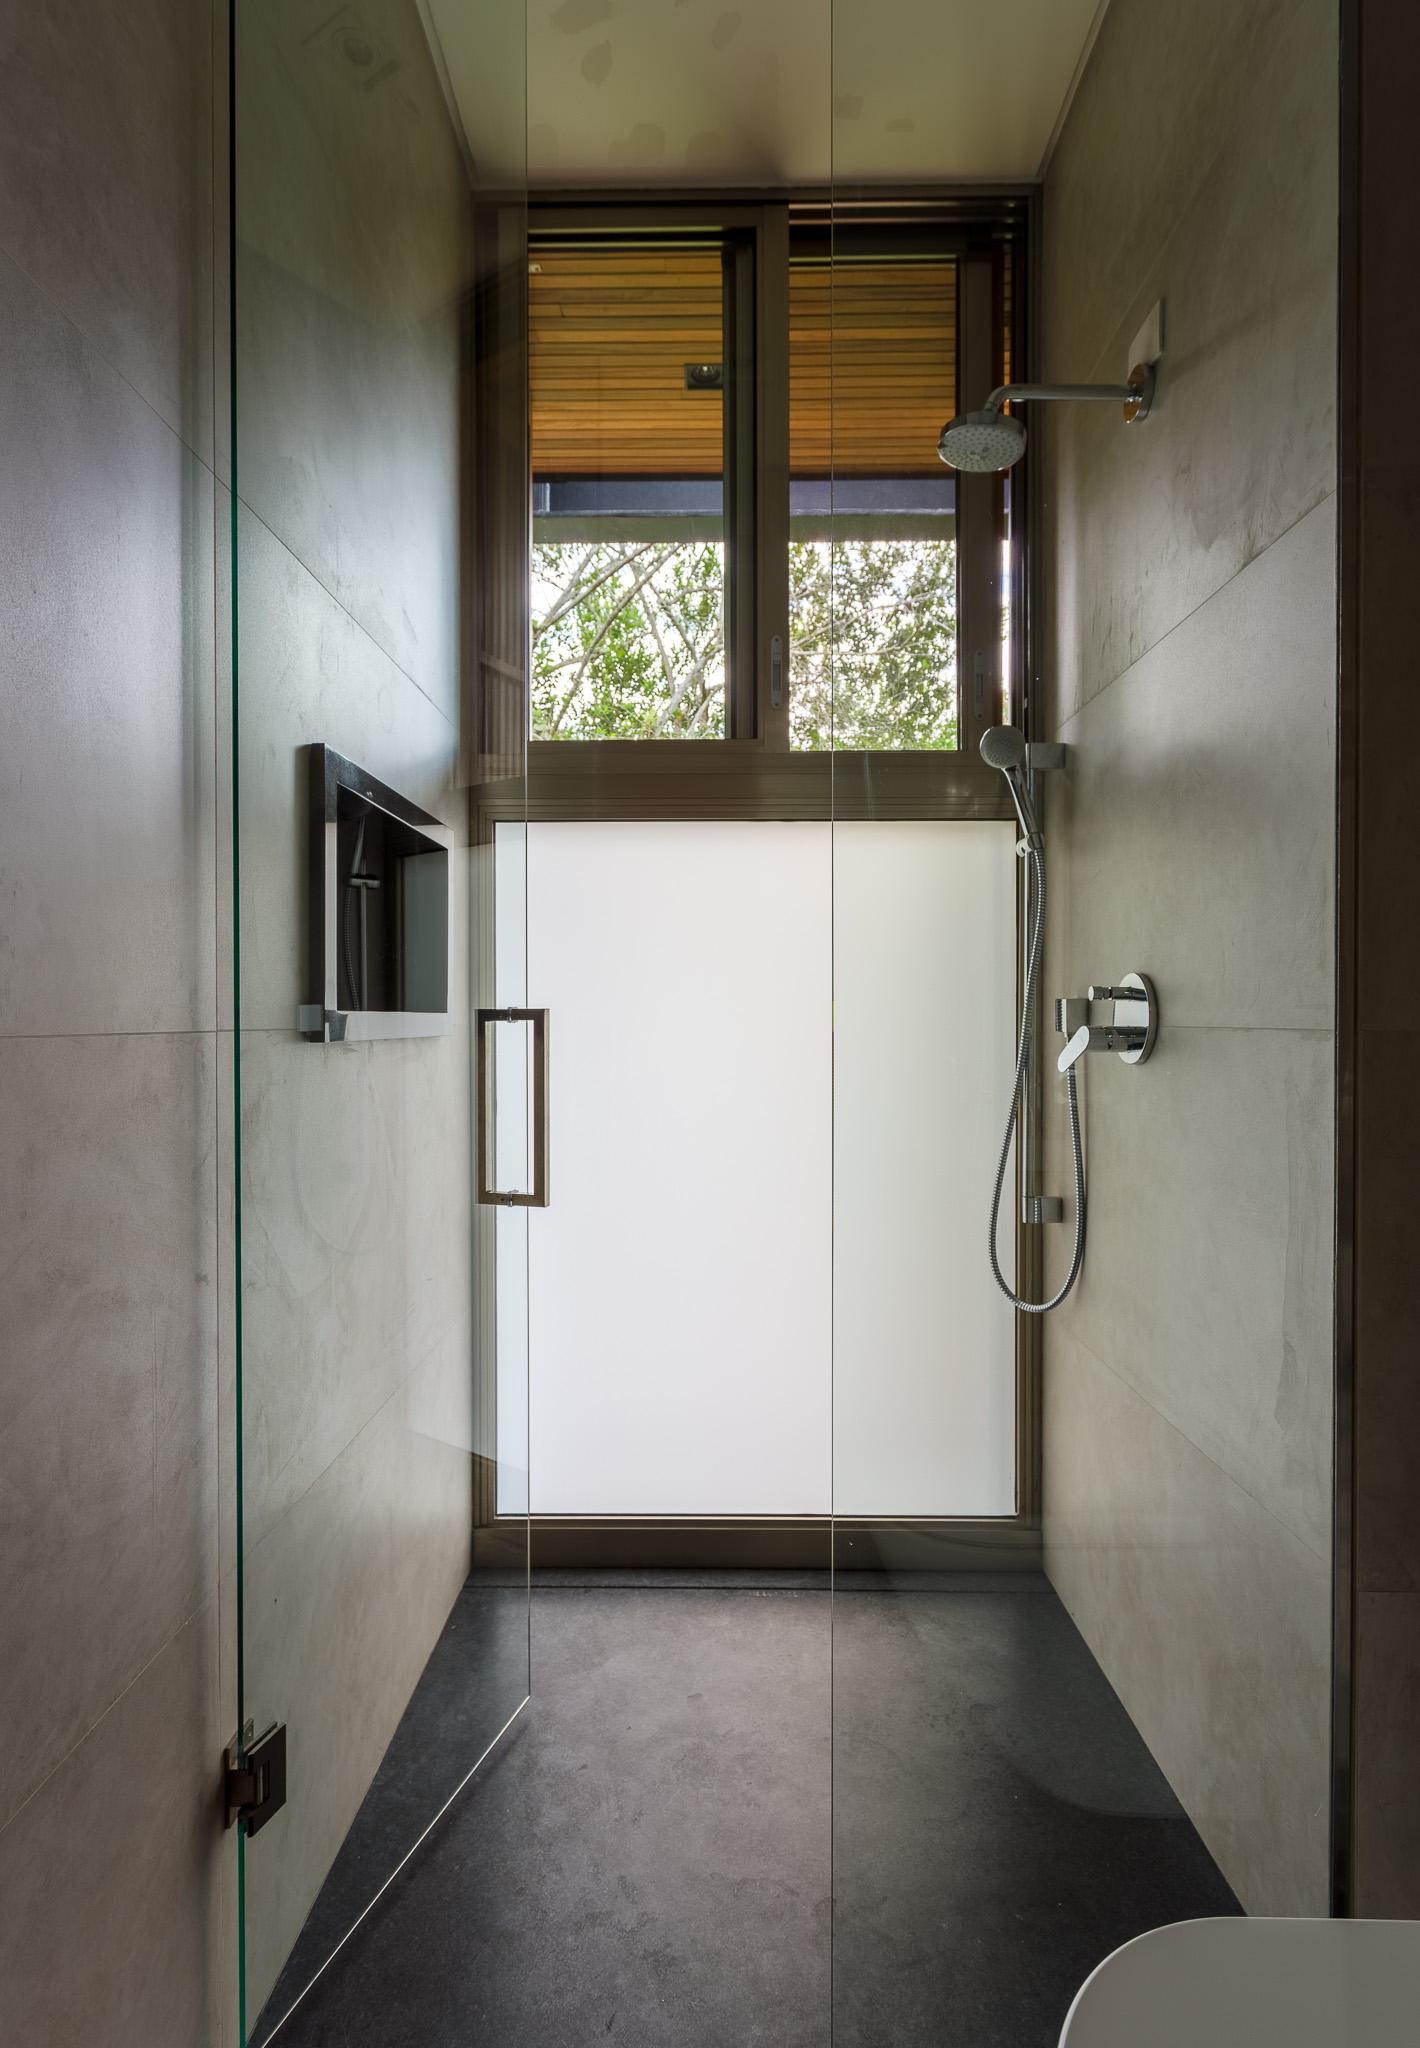 bathroom shower with glass door